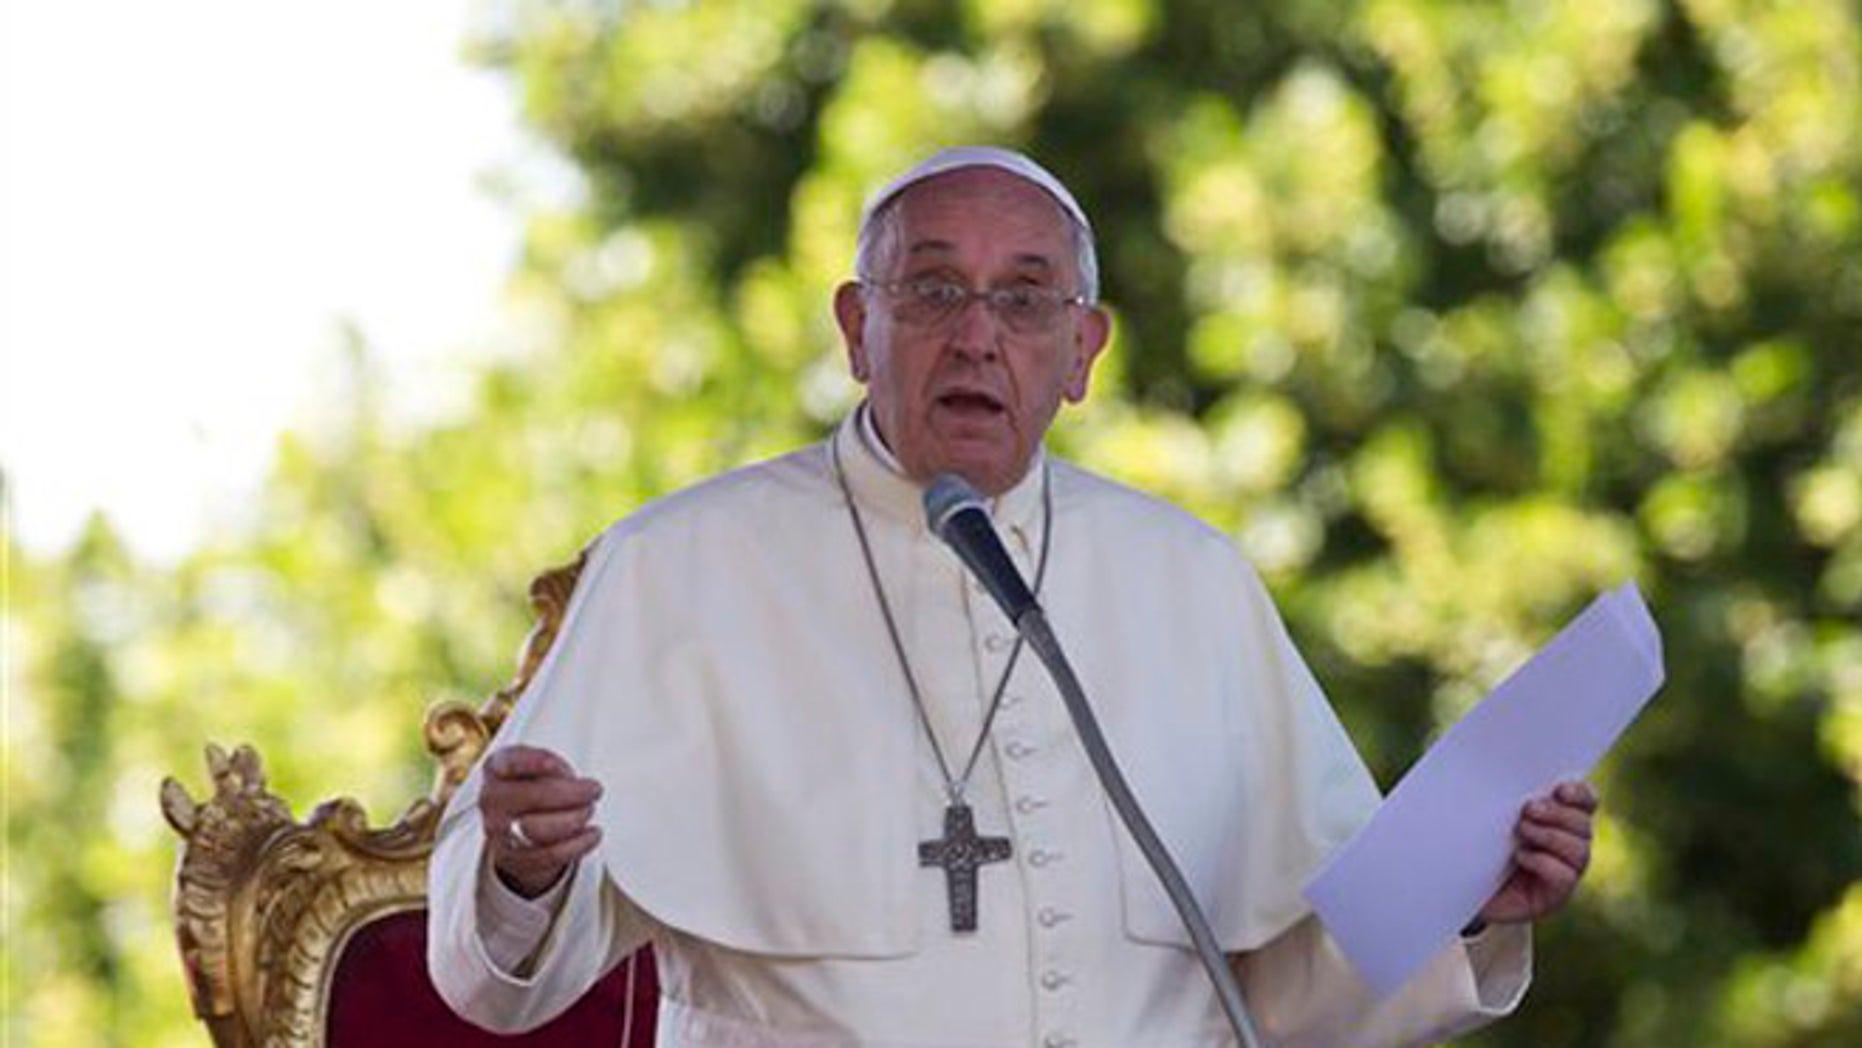 El papa Francisco lee un mensaje durante una reunión con jóvenes en el Santuario Madonna dell'Addolorata en Castelpetroso, cerca de Campobasso, en el sur de Italia, el sábado 5 de julio de 2014. (Foto AP/Alessandra Tarantino)